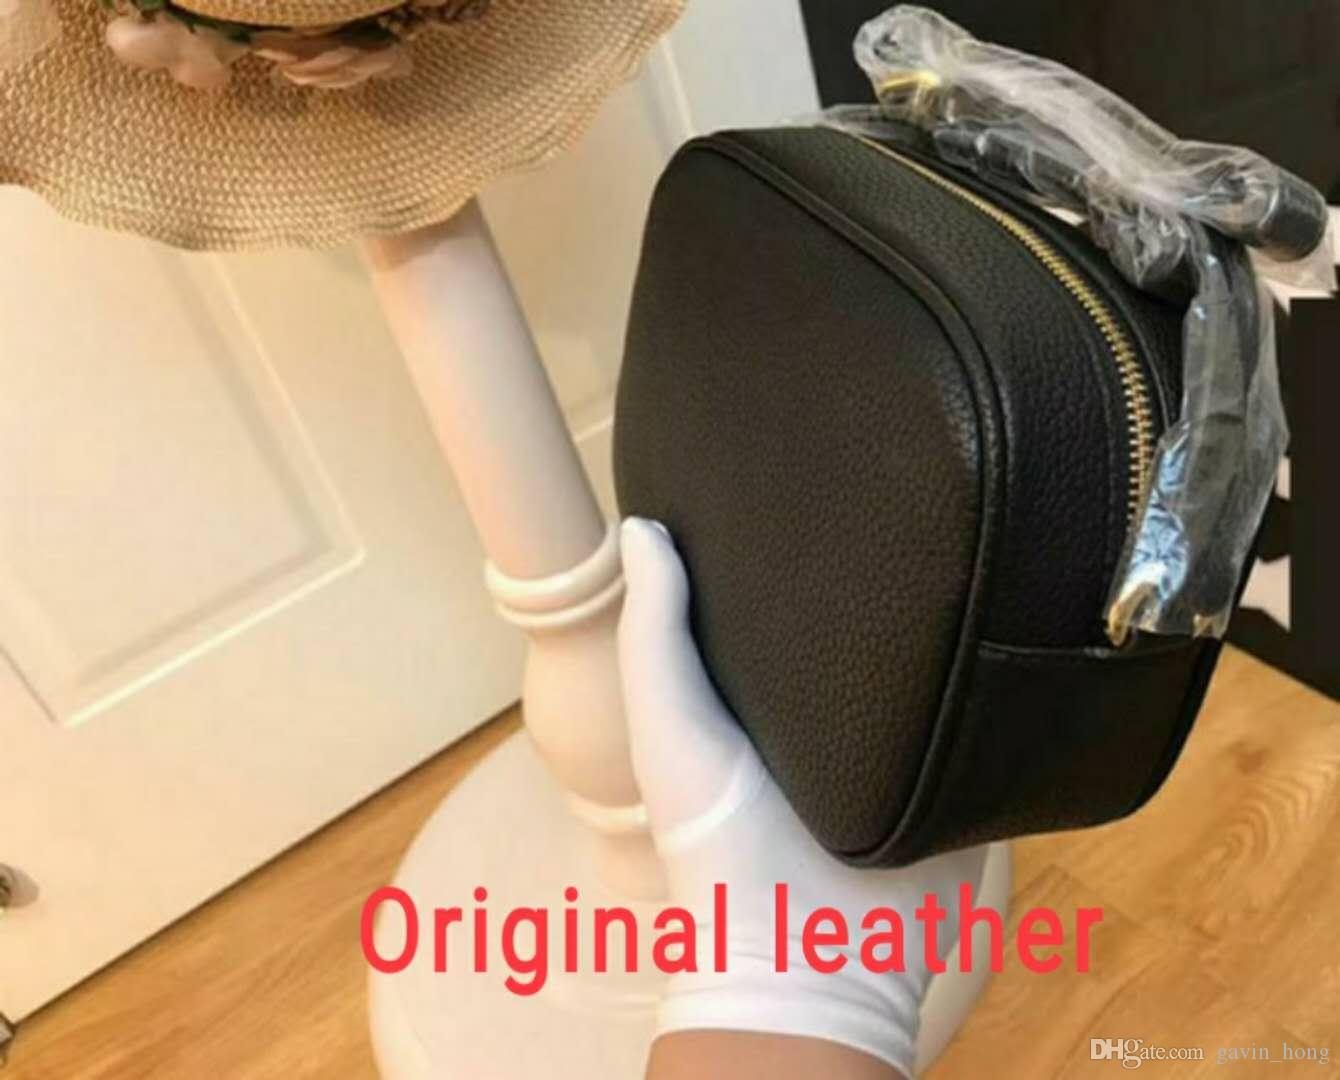 Дизайнерские сумки SOHO DISCO Bag натуральная кожа кисточка молния наплечные сумки женщины Crossbody сумка дизайнерская сумка